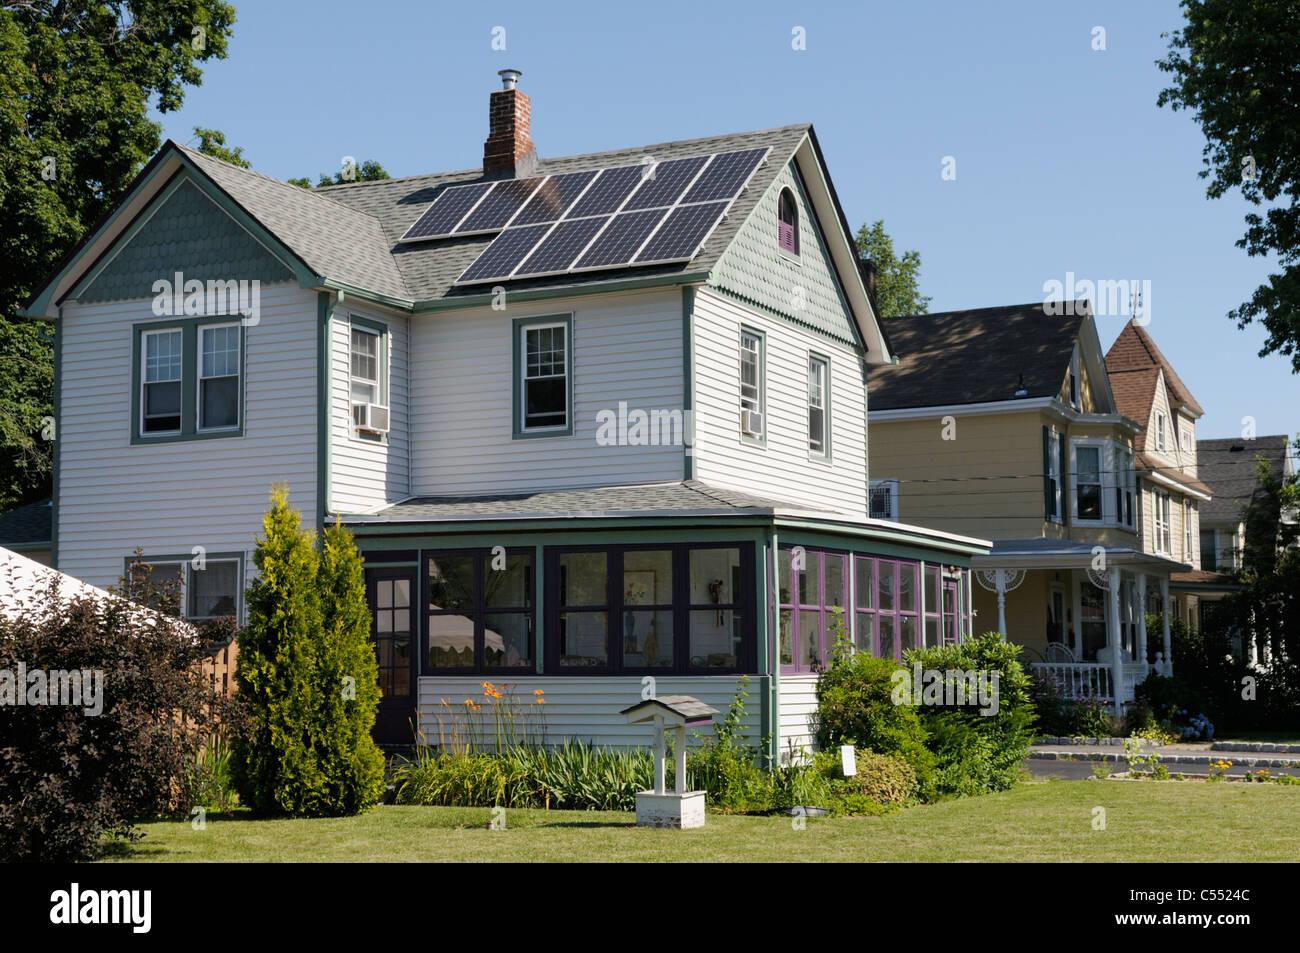 Los paneles solares fotovoltaicos en el techo de la casa Imagen De Stock